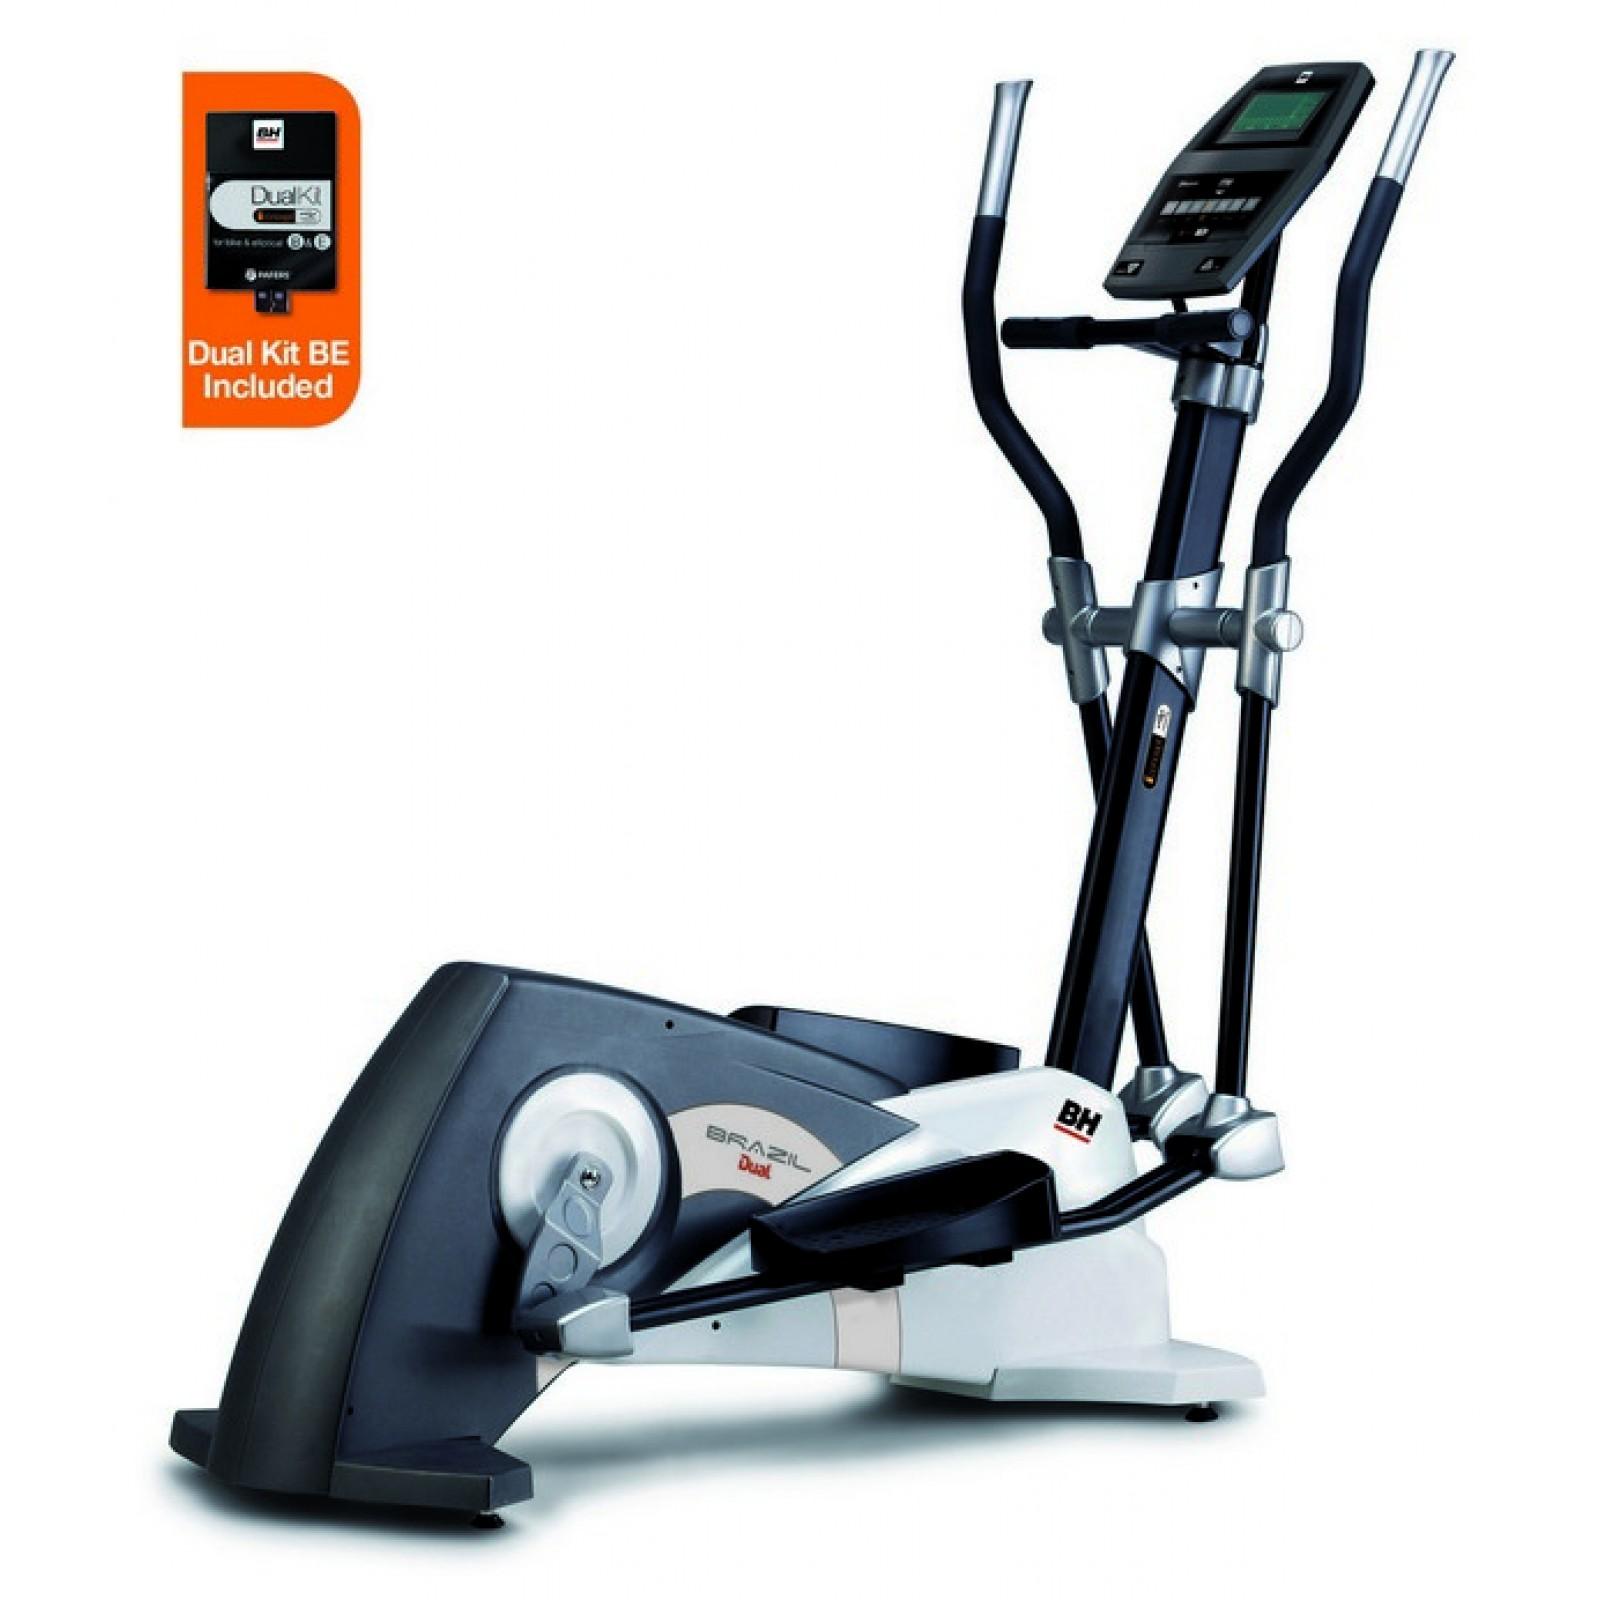 Эллиптический тренажер BH Fitness Brazil Dual + Dual Kit